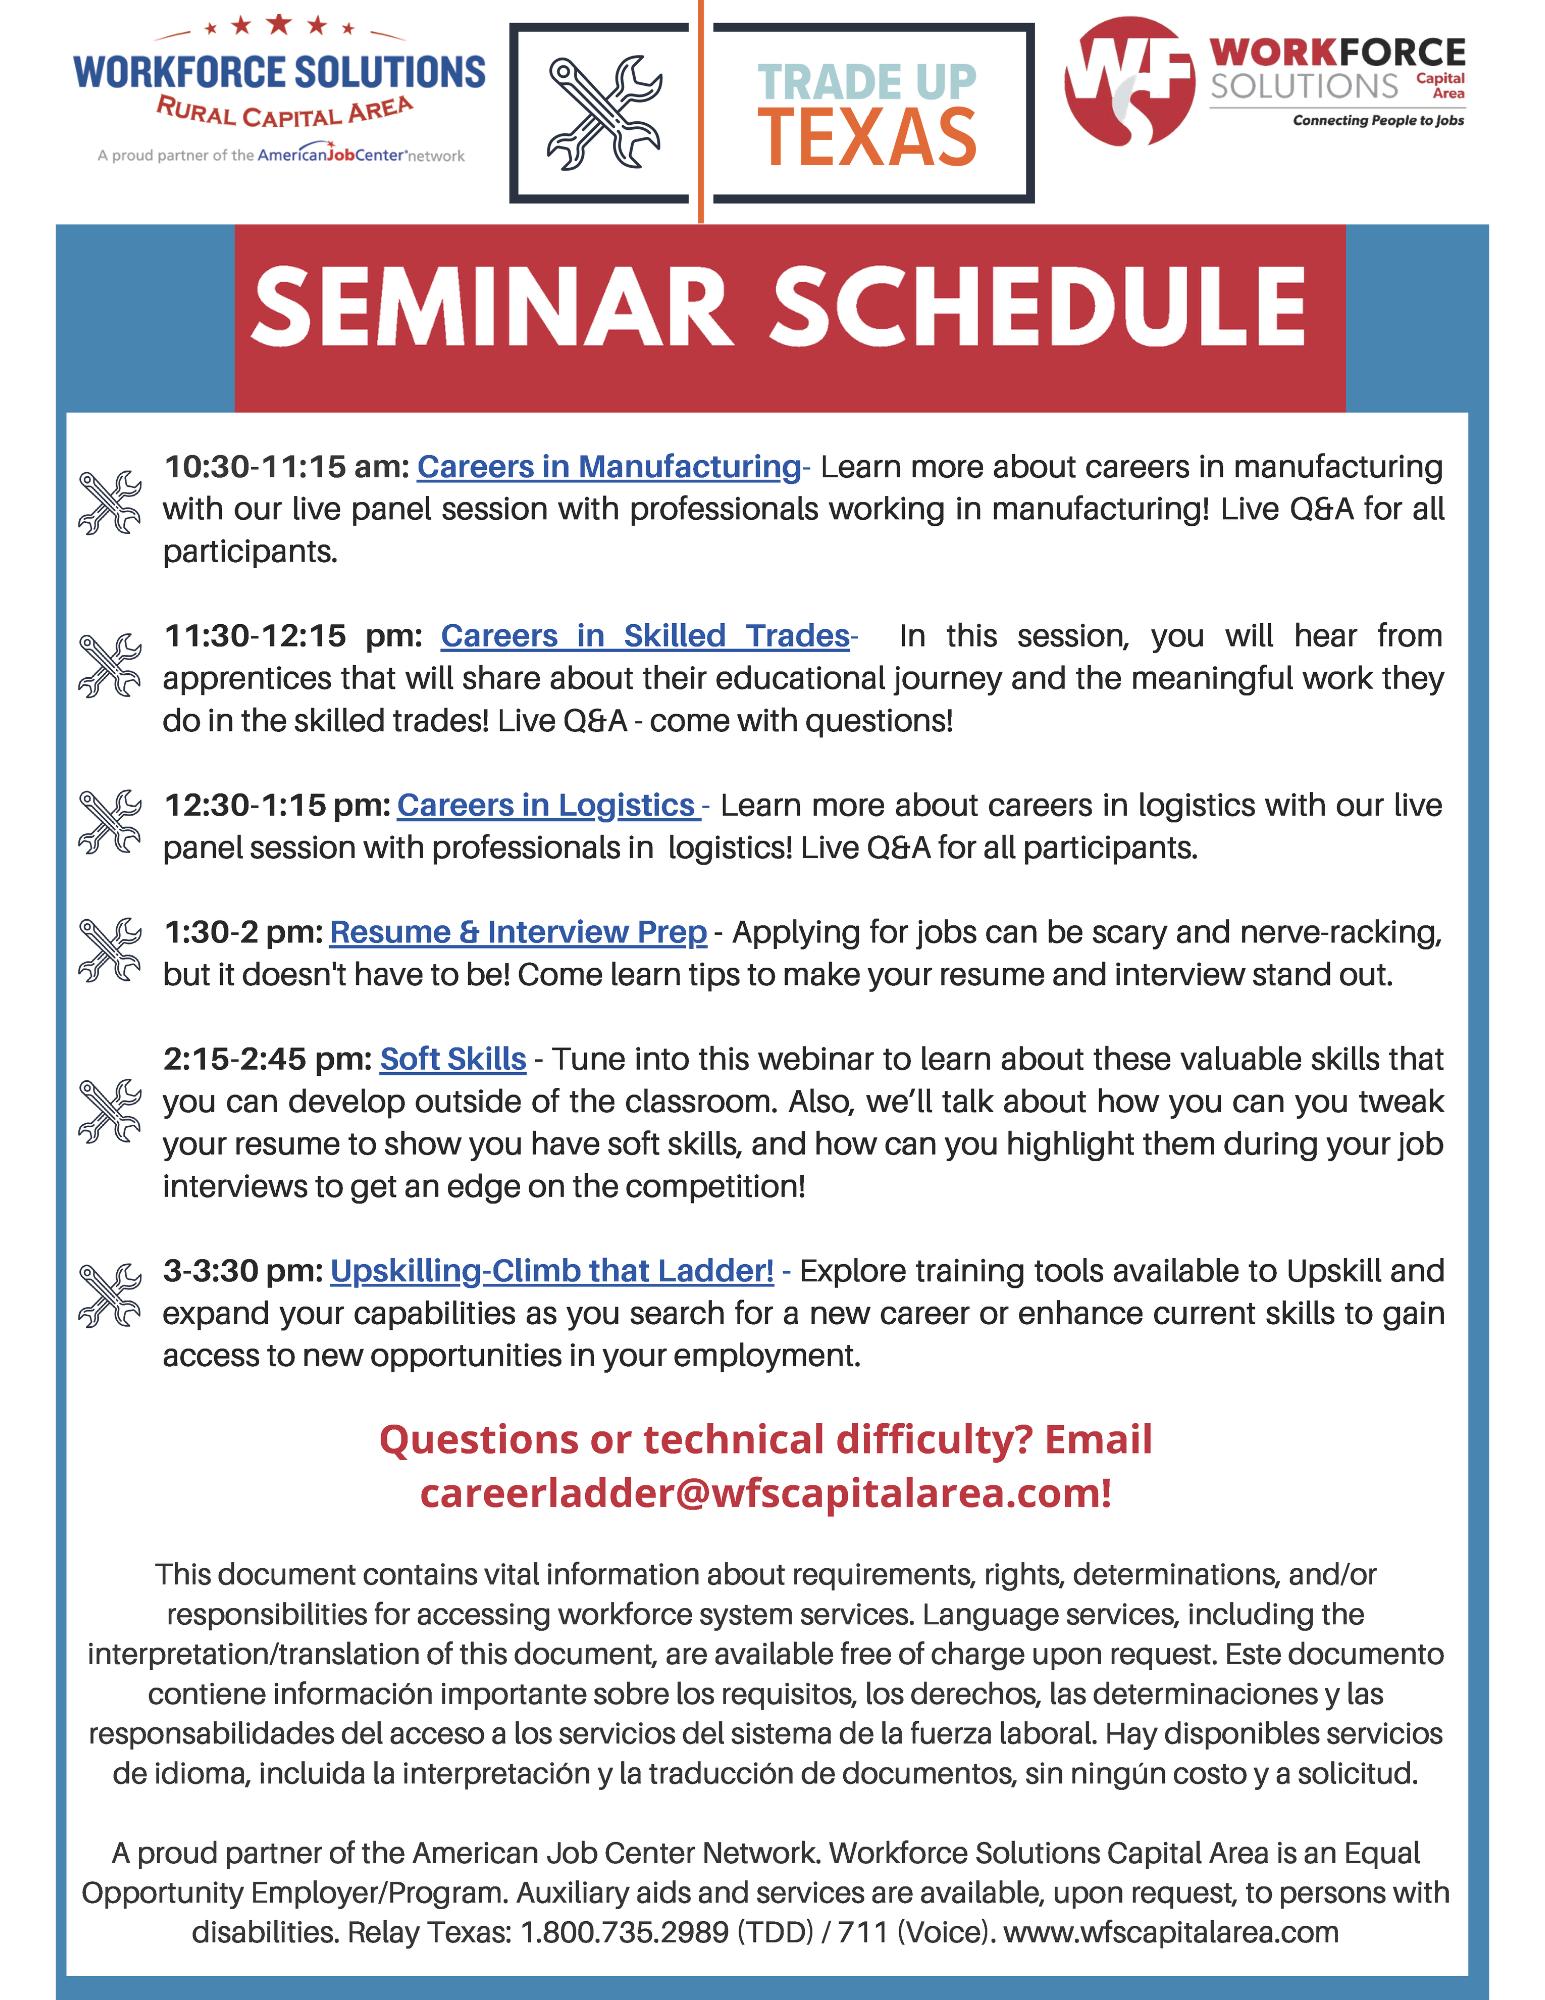 Trade Up Texas Seminar Schedule